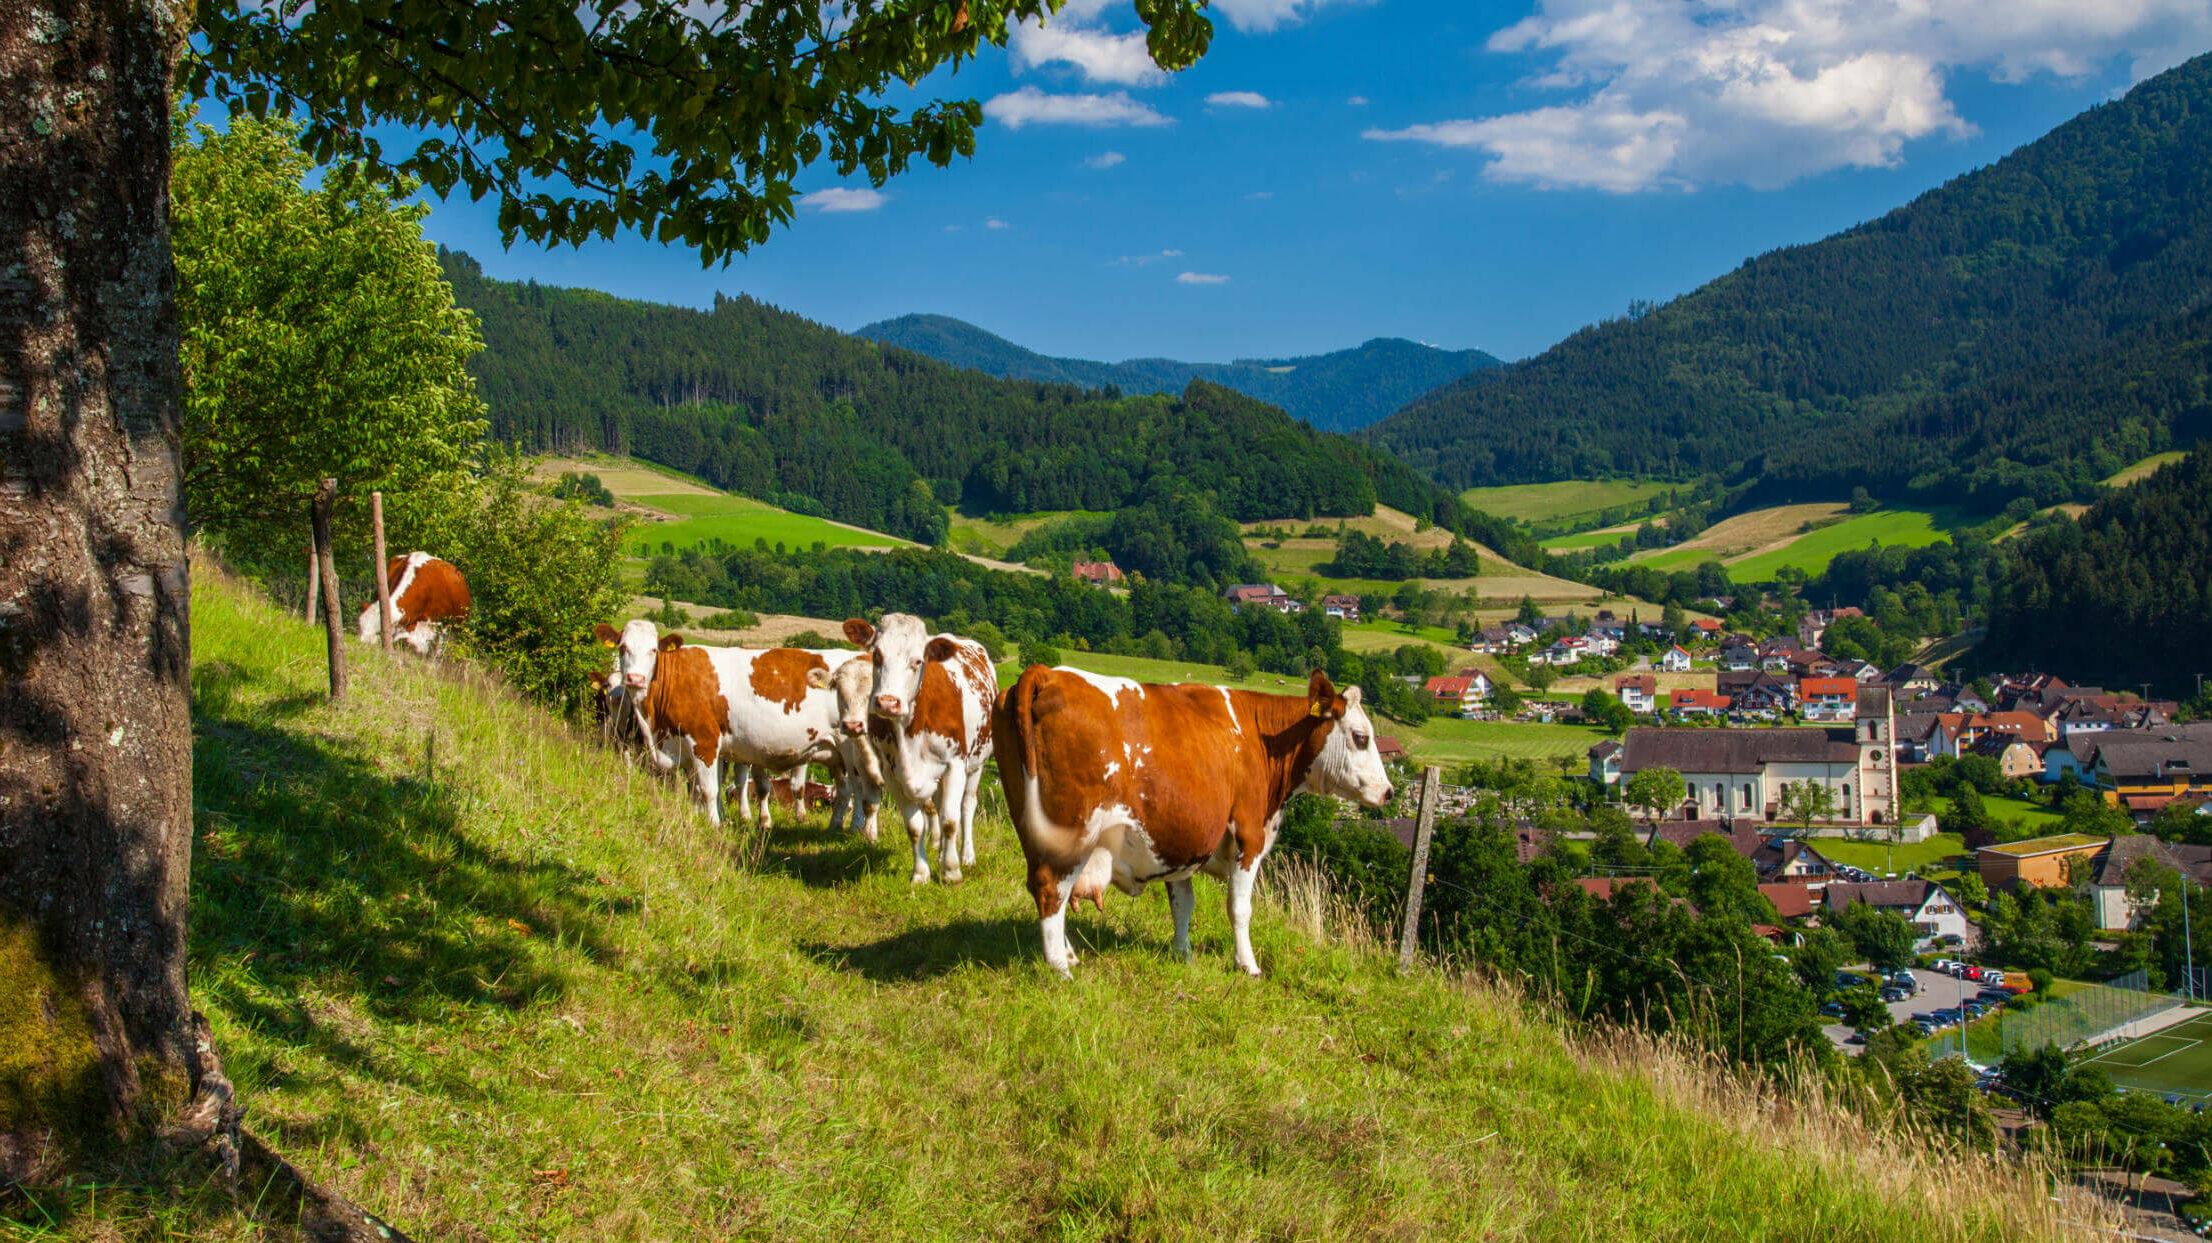 braun gefleckte Kühe auf einer Wiese